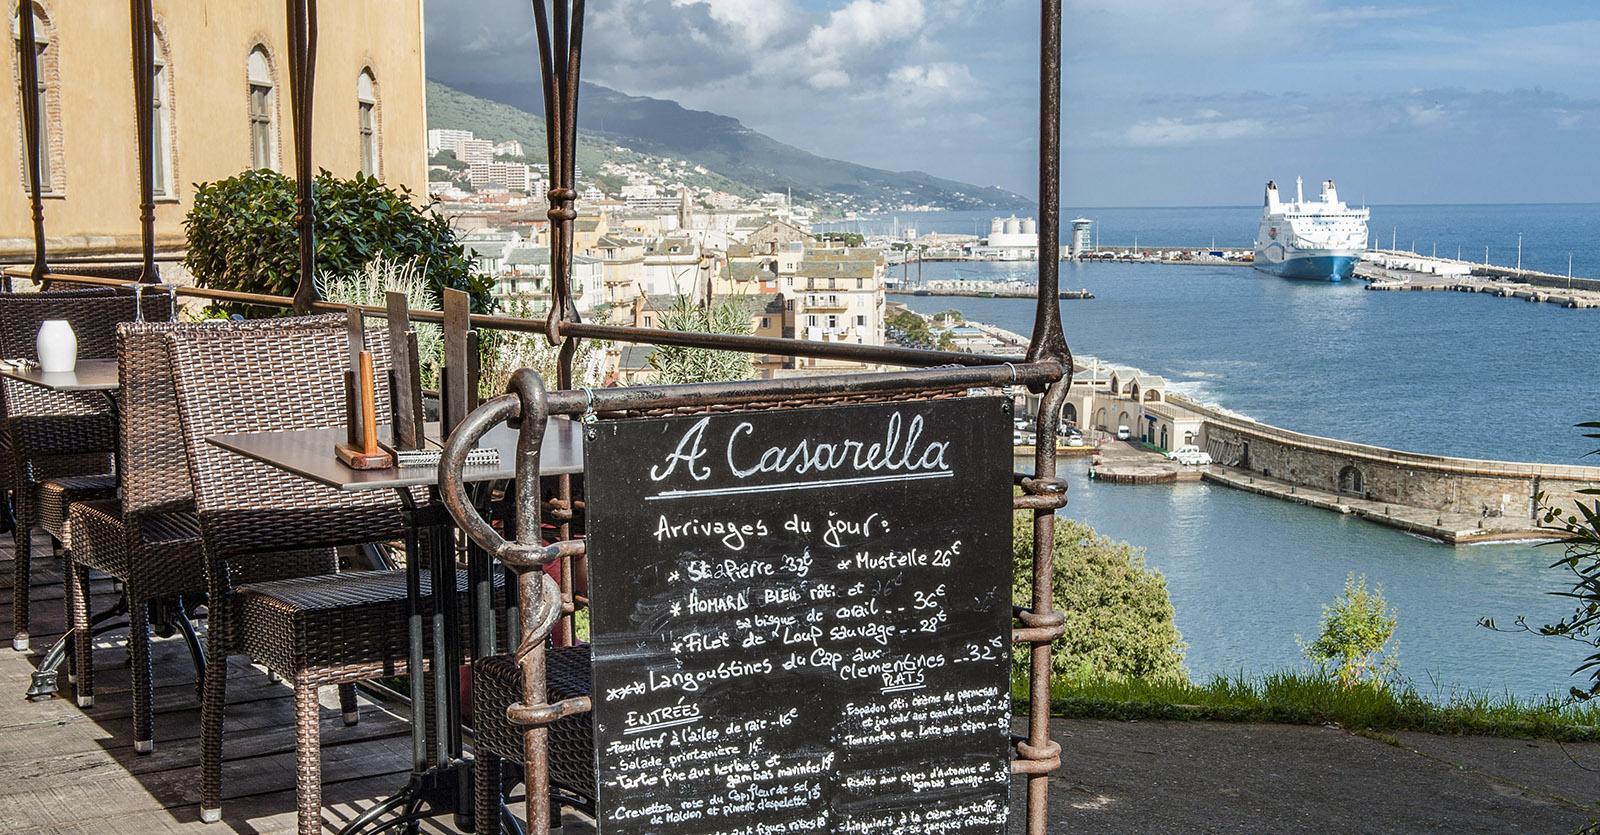 Bastia: Meeresküche mit Aussicht: A Cassarella. Foto: Hilke Maunder